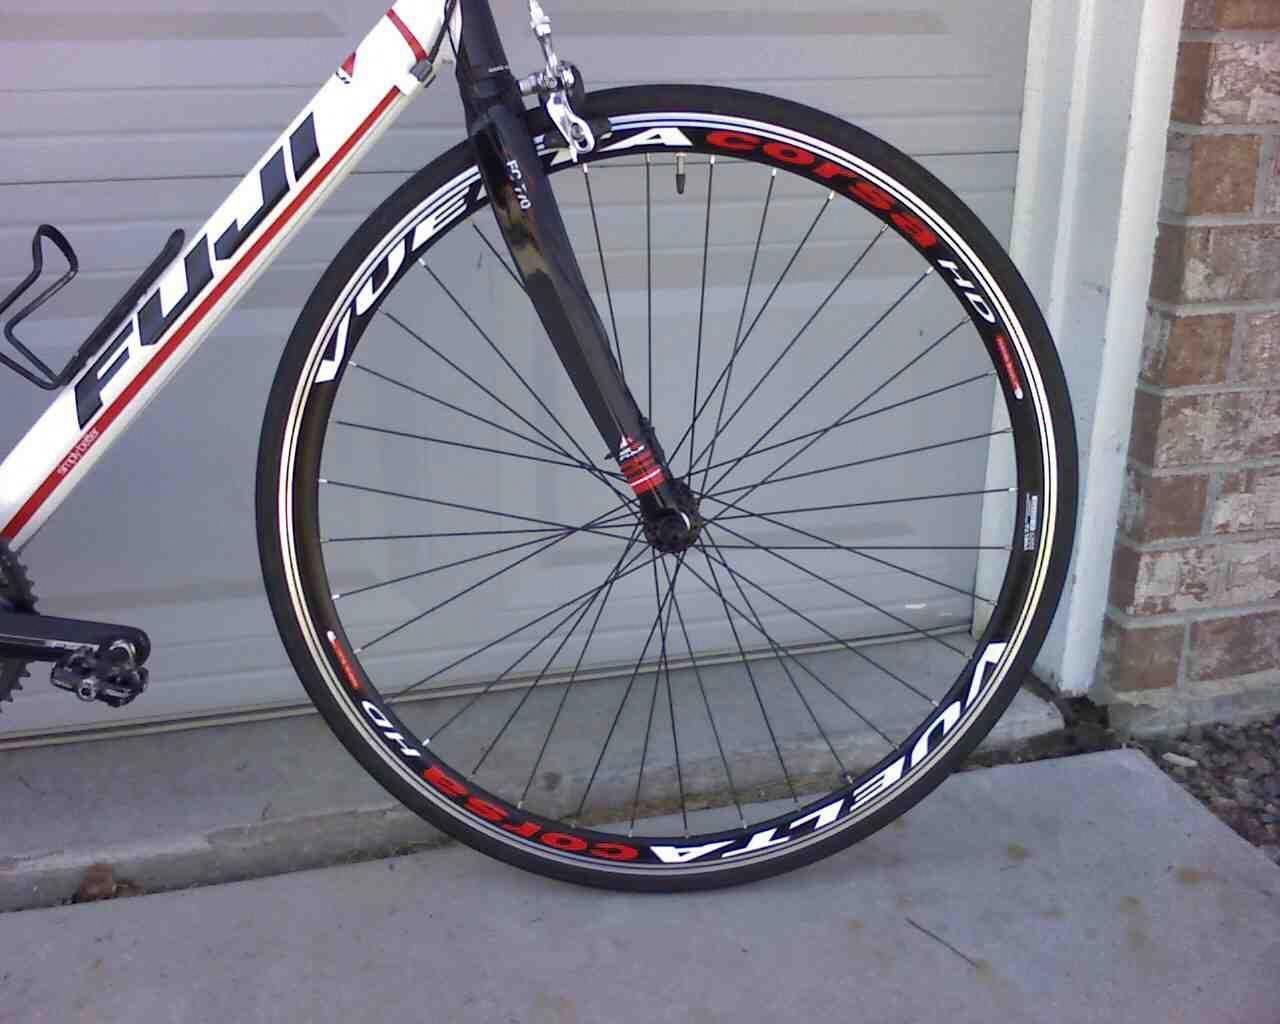 Road Bike Front Wheel Bestroadbikes Best Road Bike Road Bike Wheels Bicycle Maintenance